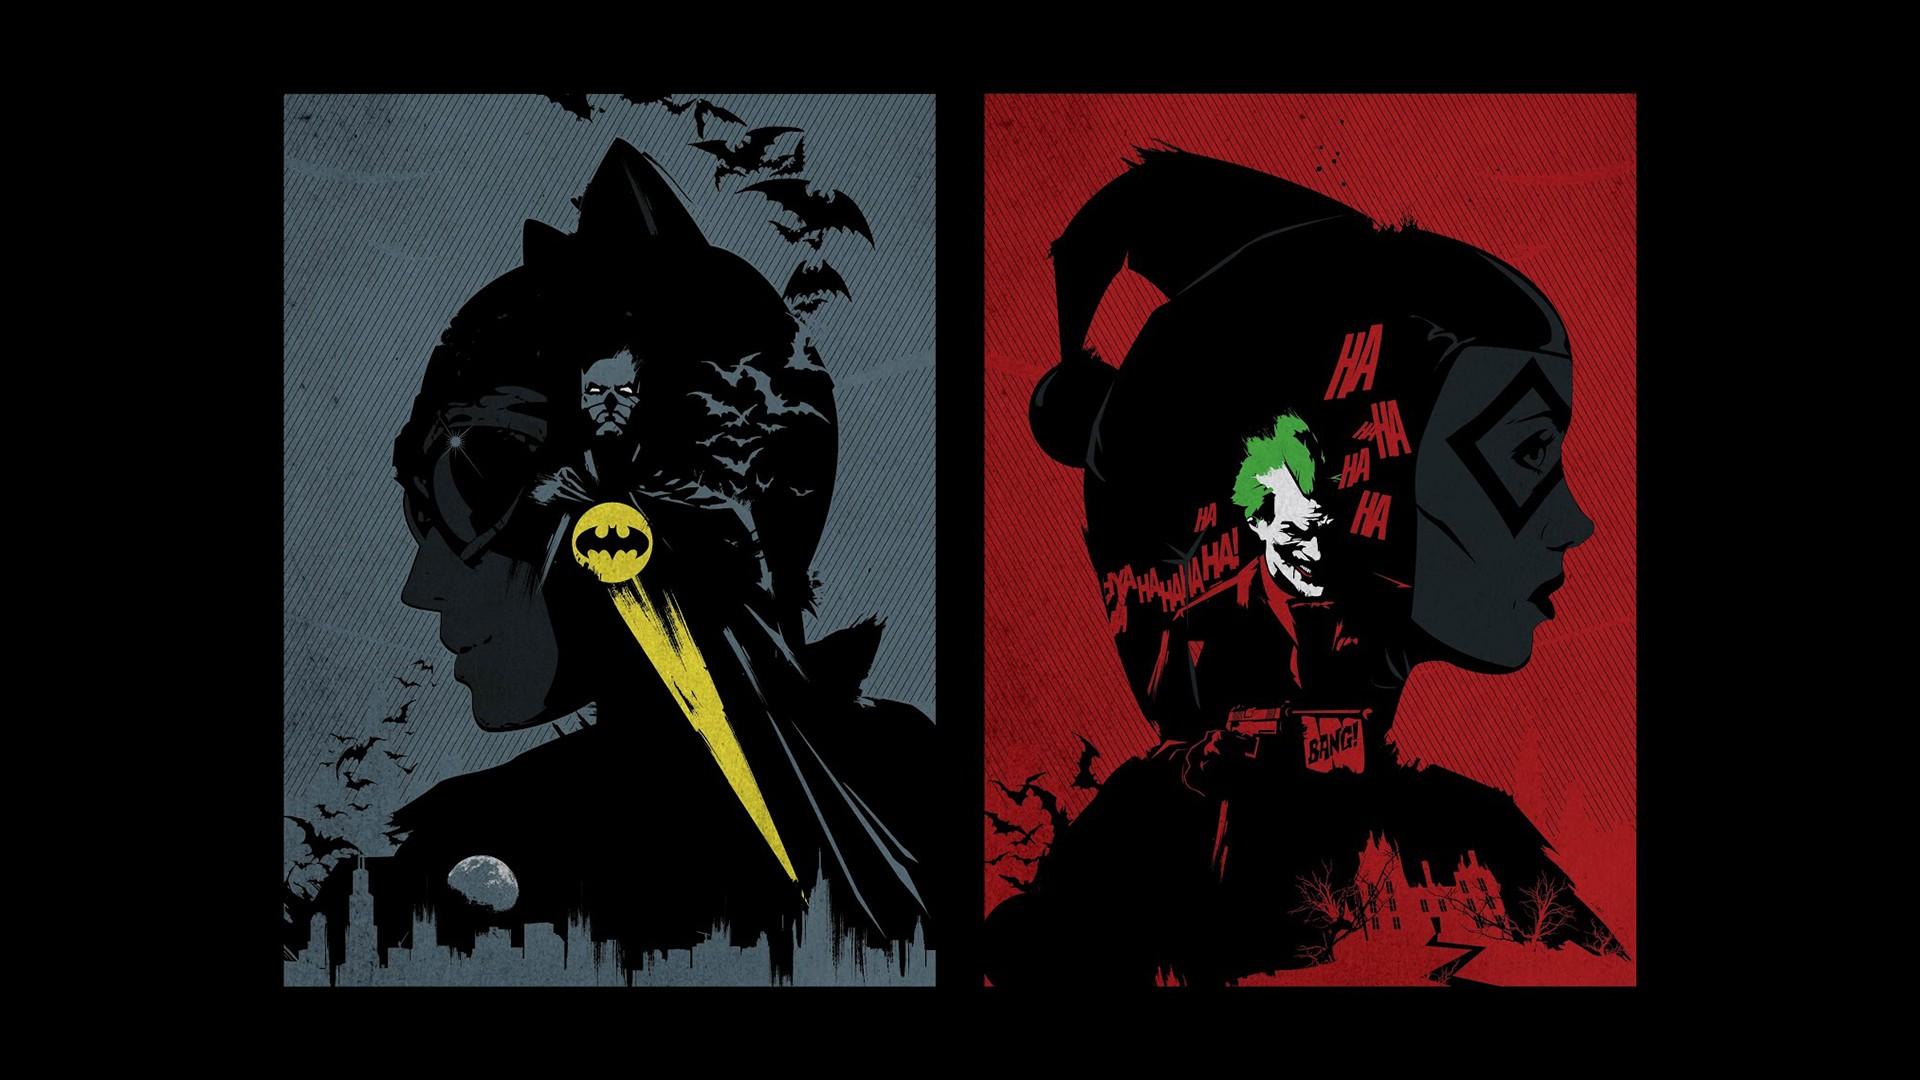 Batman Arkham Asylum 720p Battlefield 4 Wallpaper 1080p Wallpaper 1920x1080